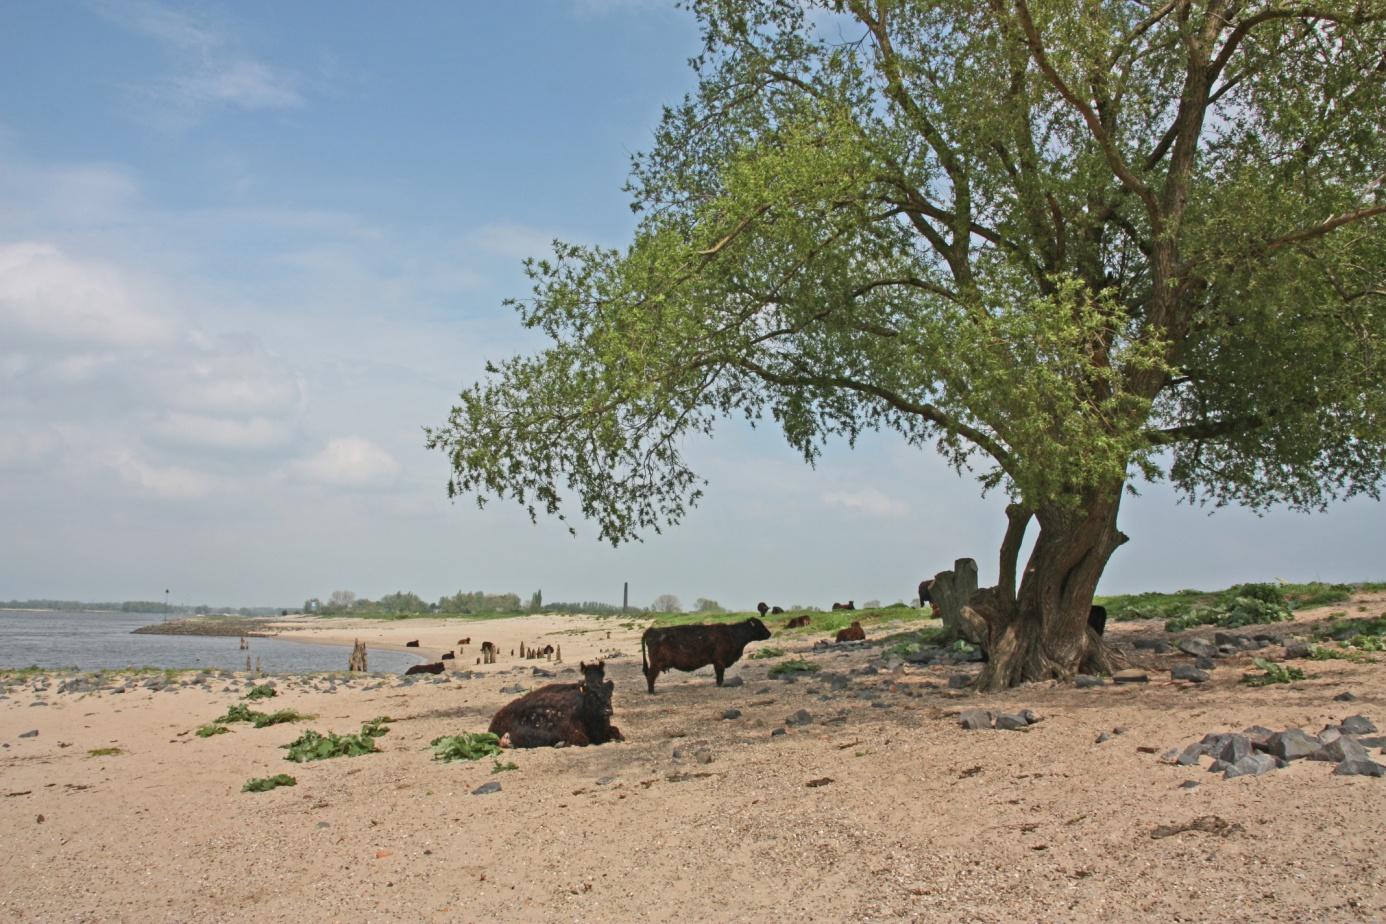 Galloway runderen aan de Waalstranden foto Johan Hol